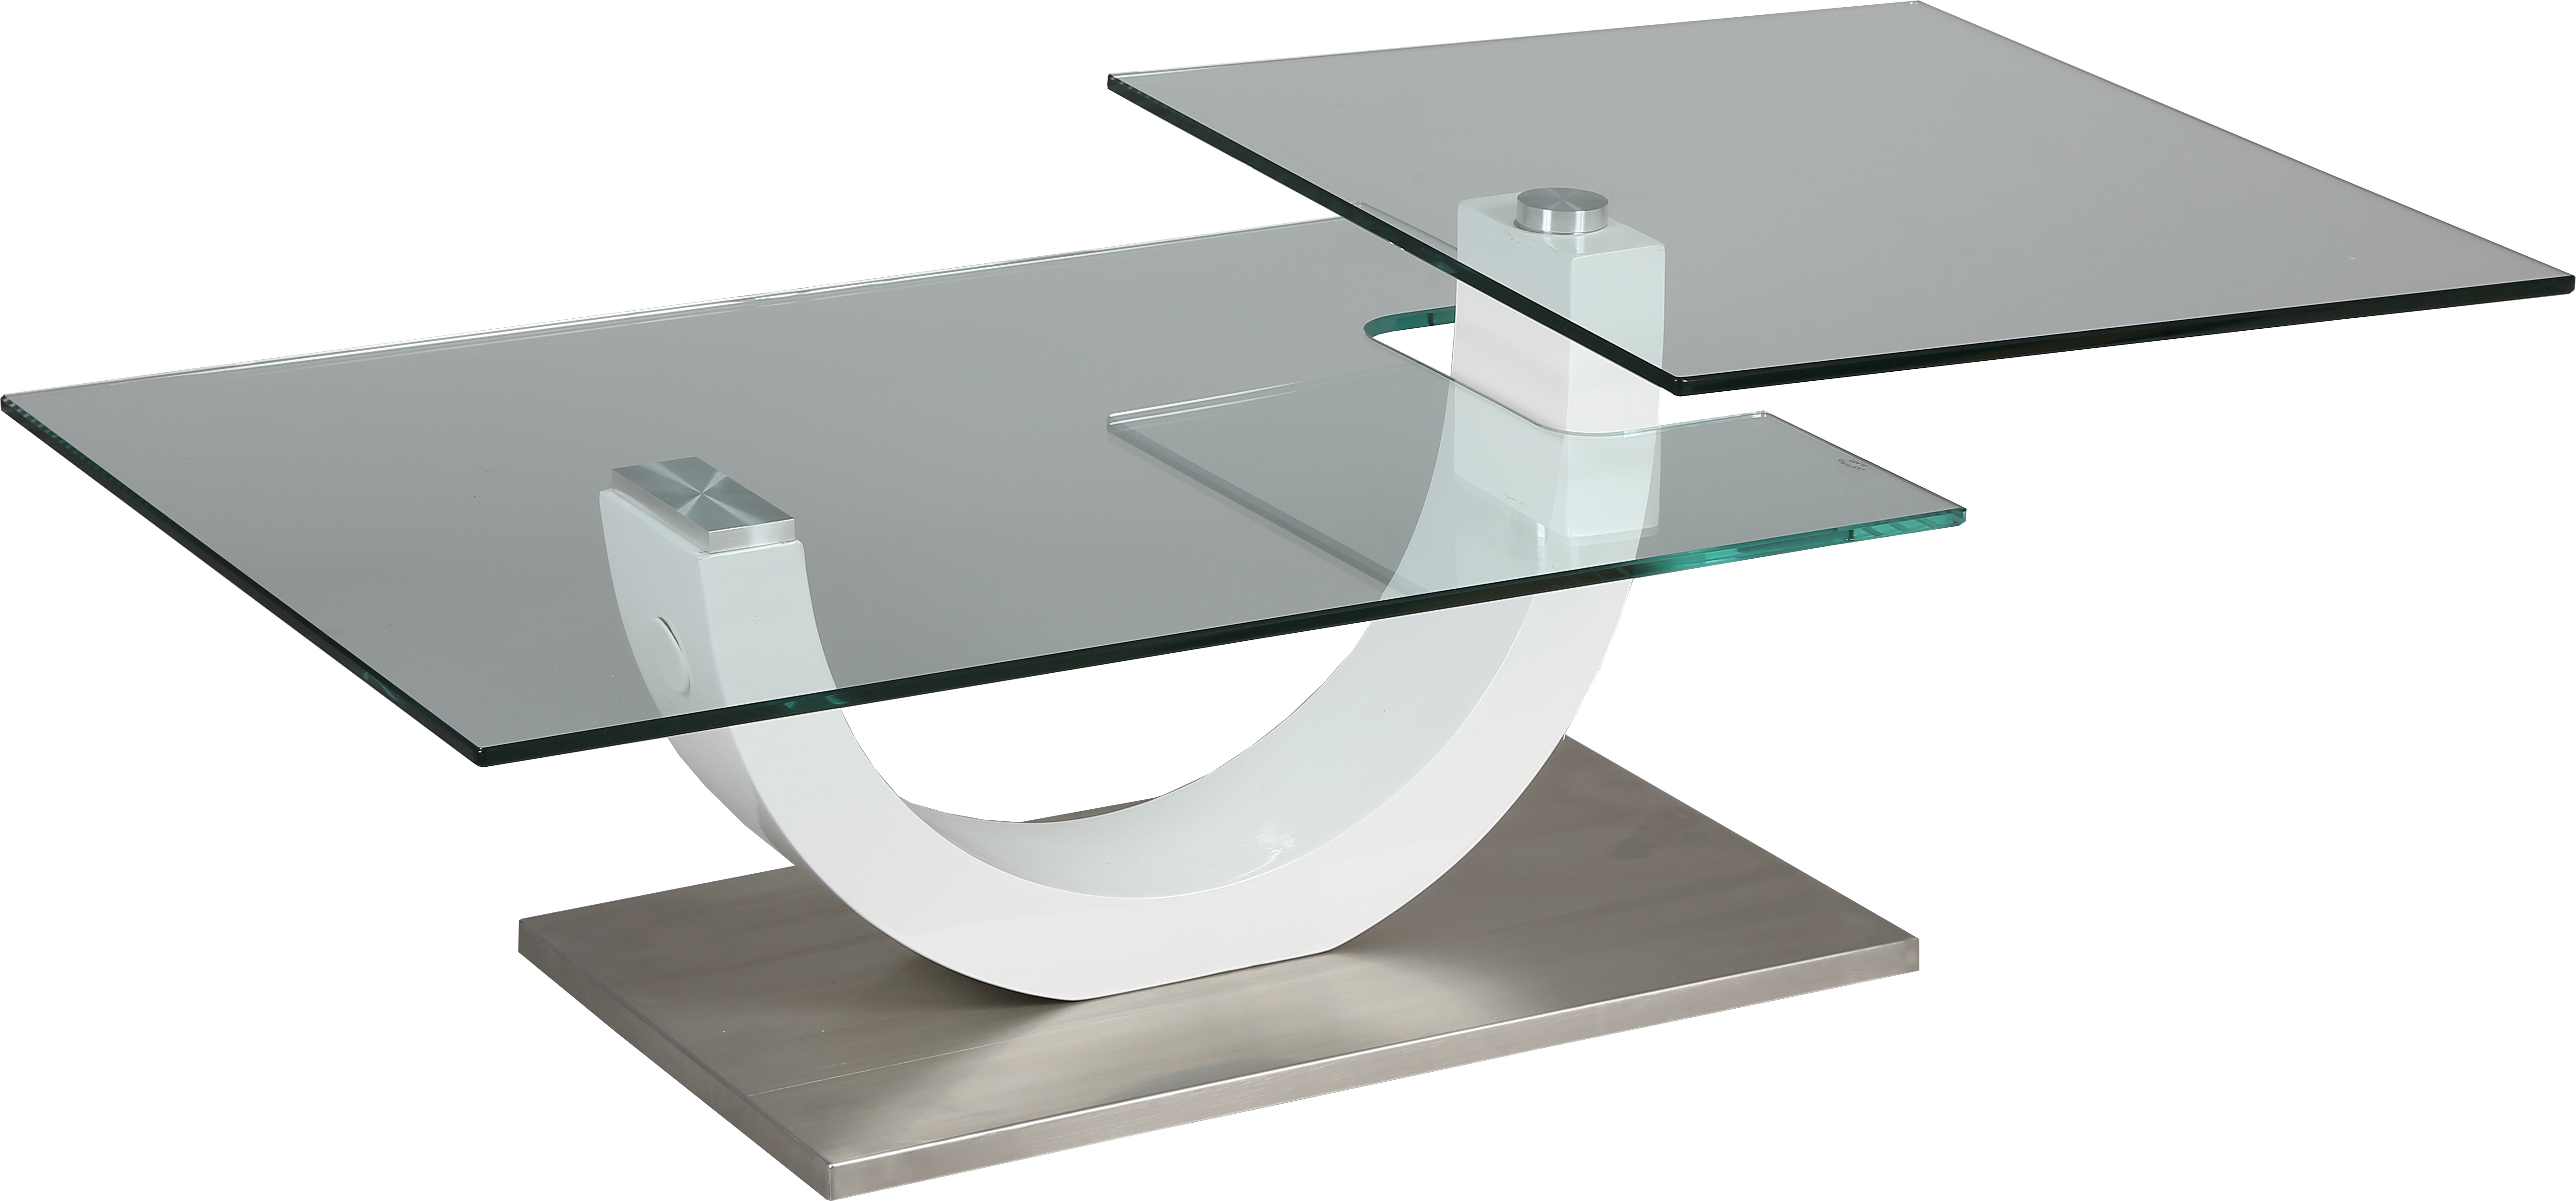 table basse pivotant pas cher maison design. Black Bedroom Furniture Sets. Home Design Ideas